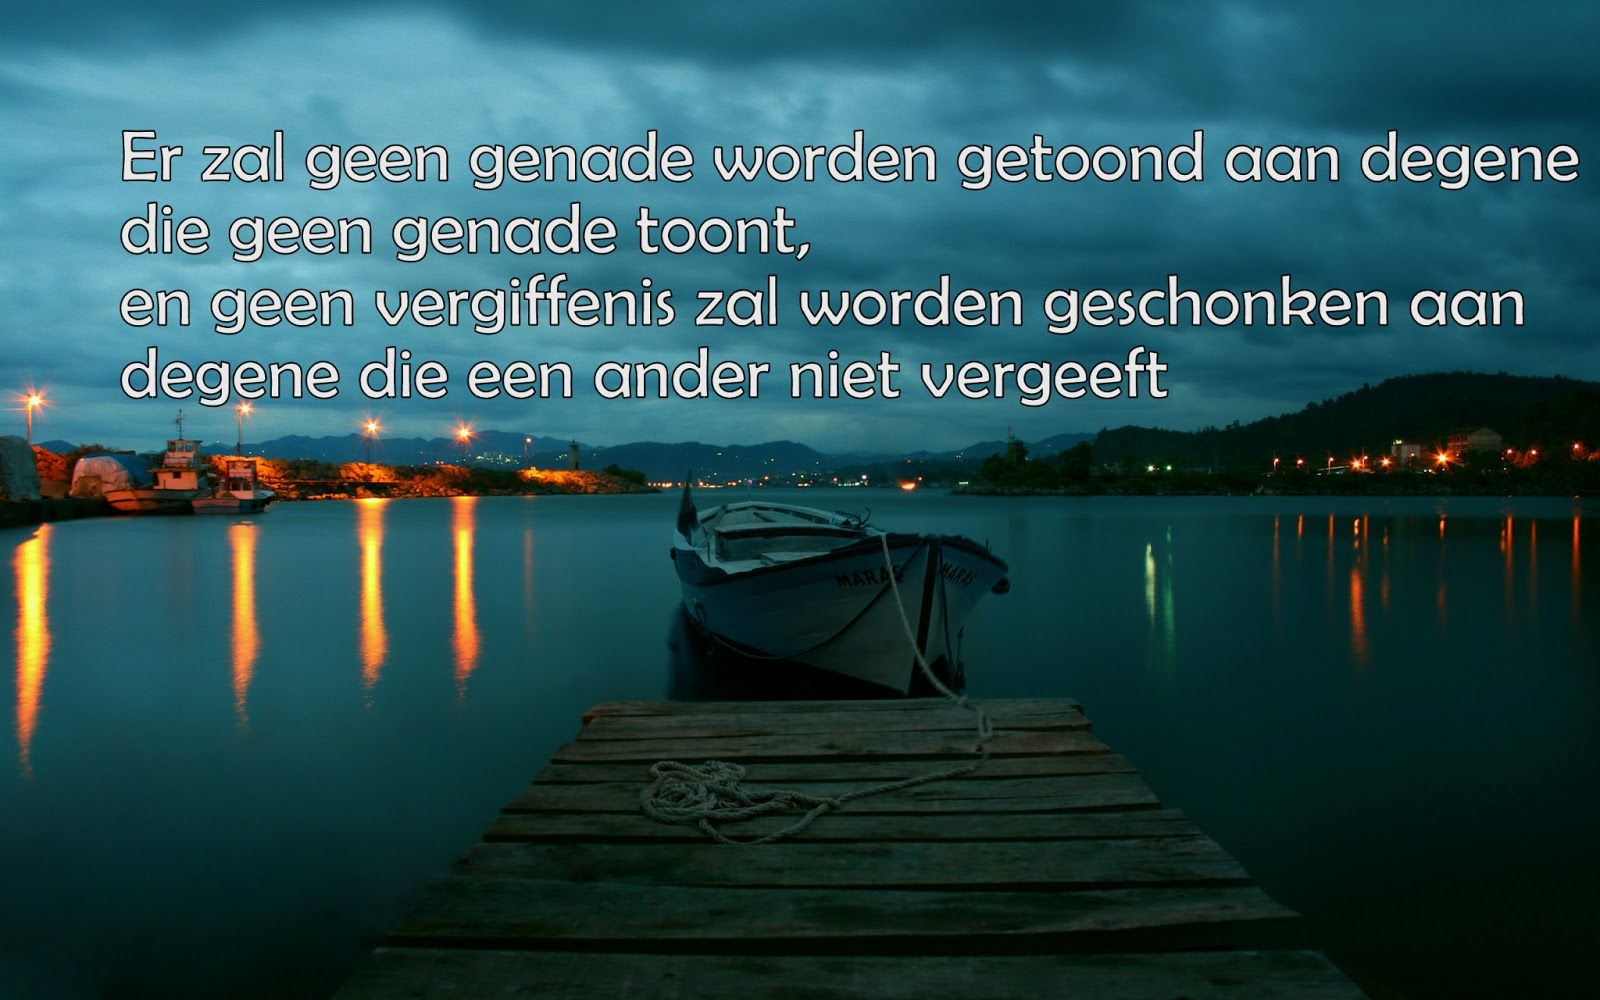 Citaten Uit De Verlichting : Citaten en wijze woorden uit de islam nederlandse quotes